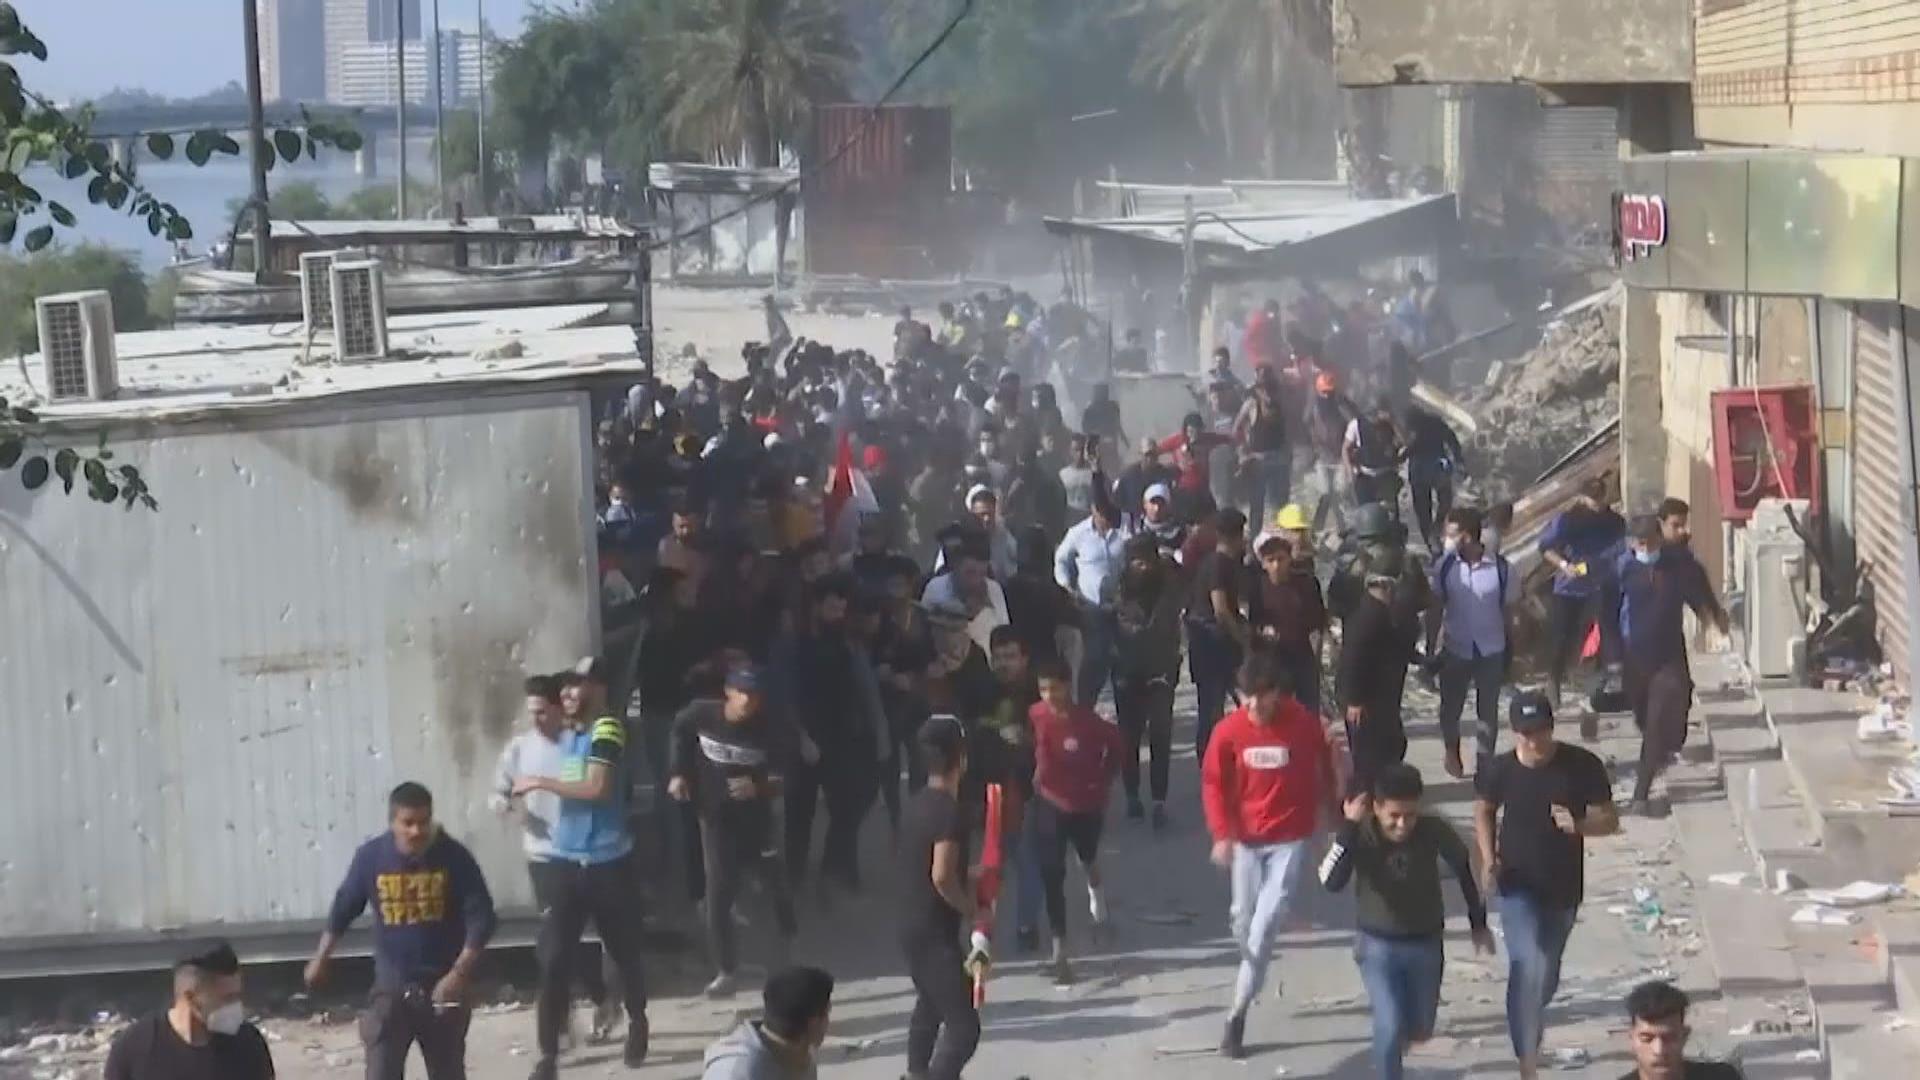 伊拉克總理請辭後當地仍有反政府示威